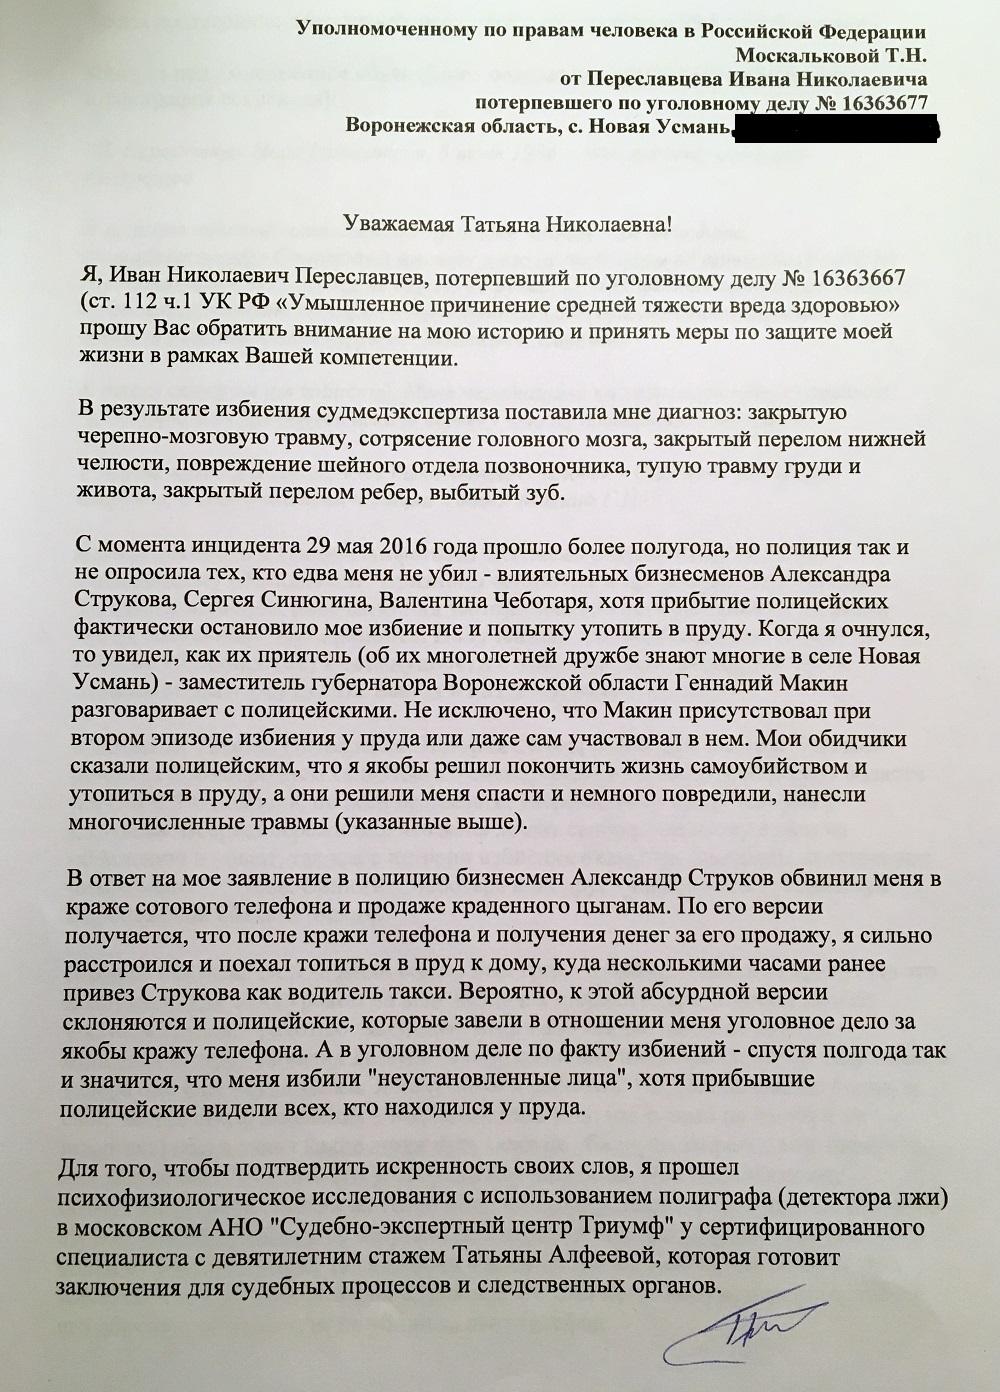 obrashenie_moskalkova